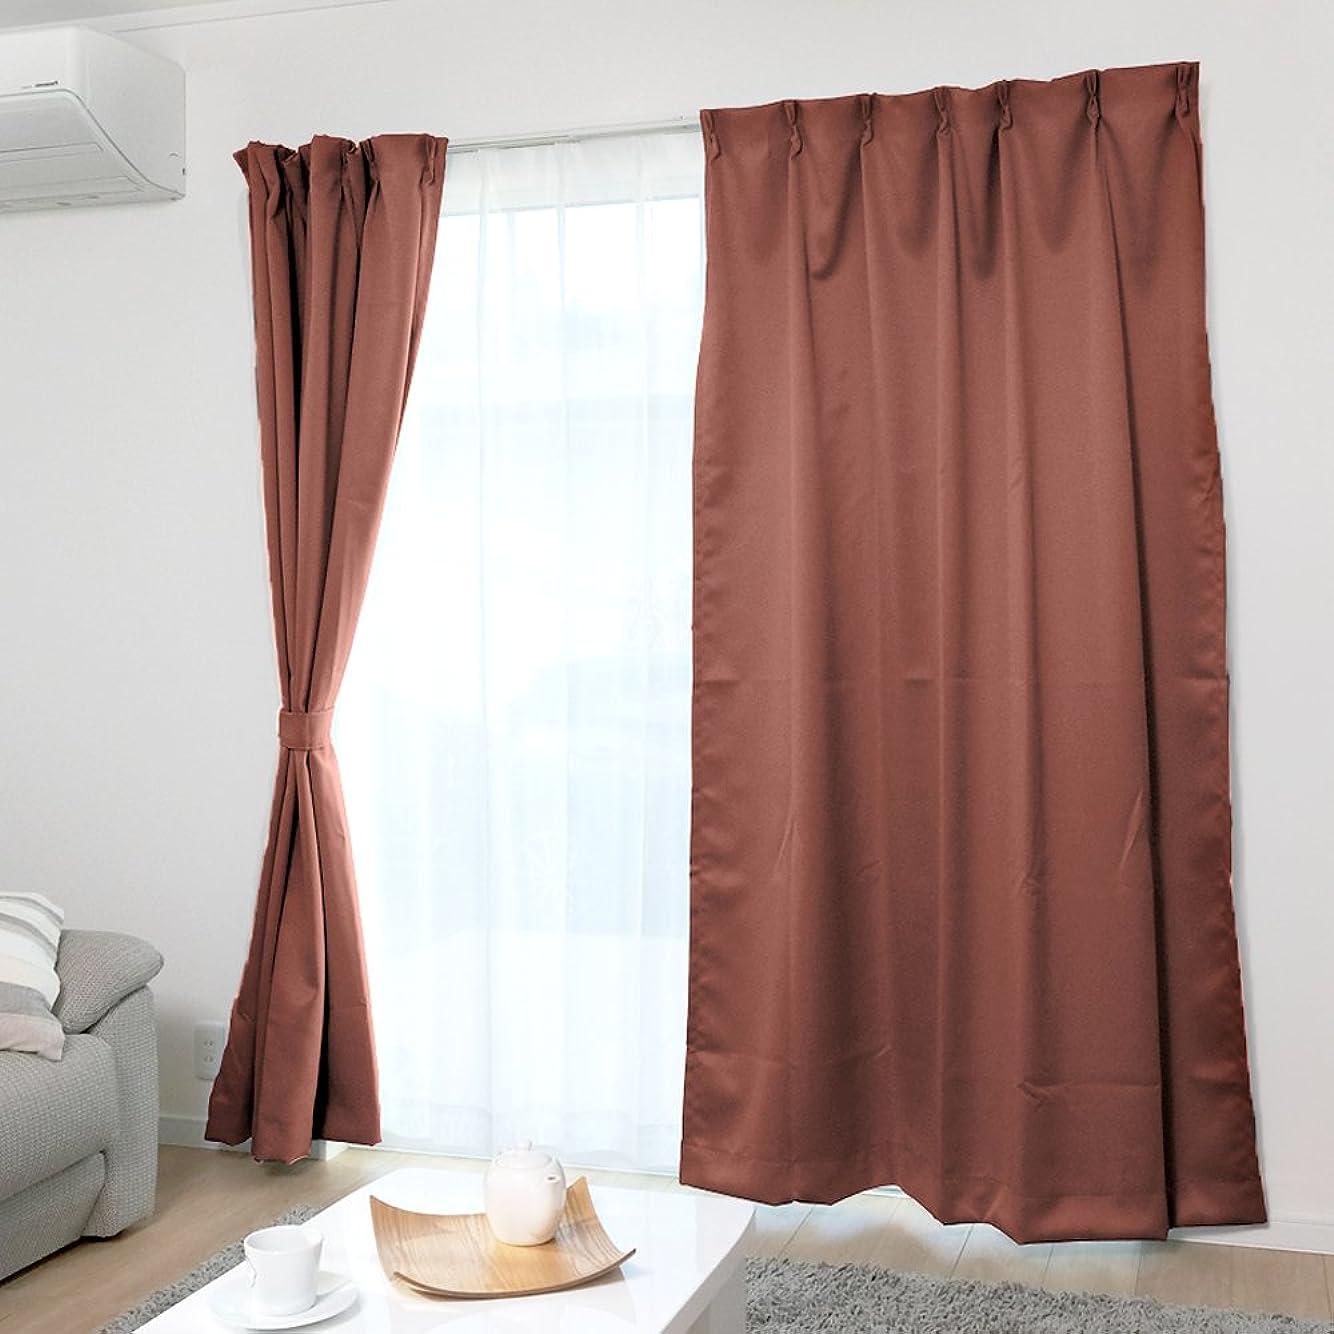 影響におい不条理【全70種】カーテン 1級遮光 ドレープカーテン 断熱 保温 洗える 幅100cm×丈178cm 2枚組 ブラウン